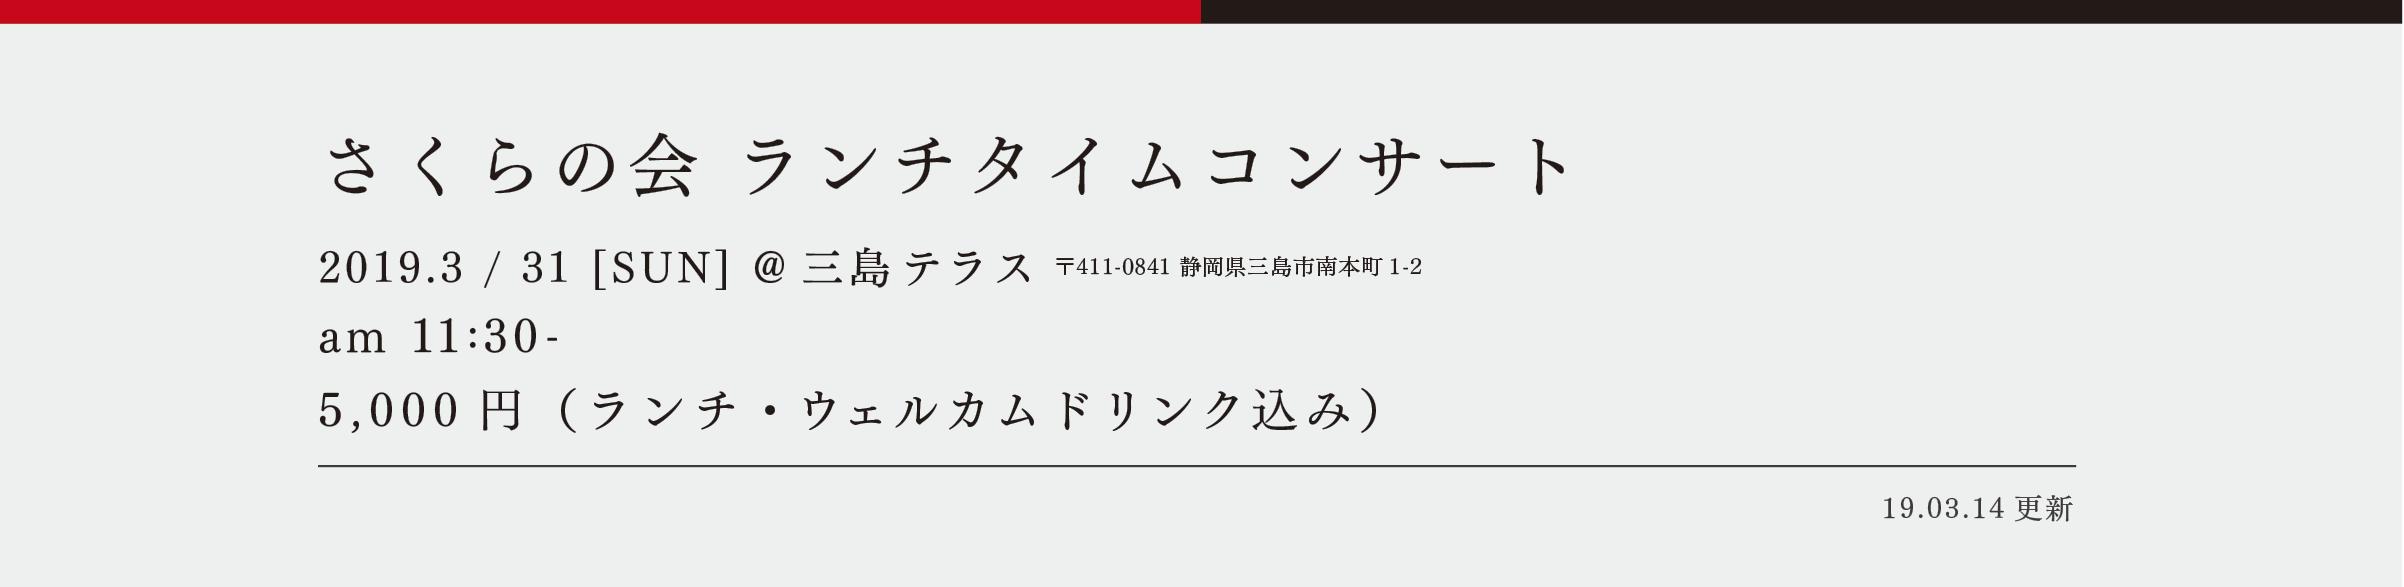 スクリーンショット 2019-03-14 11.29.33.png